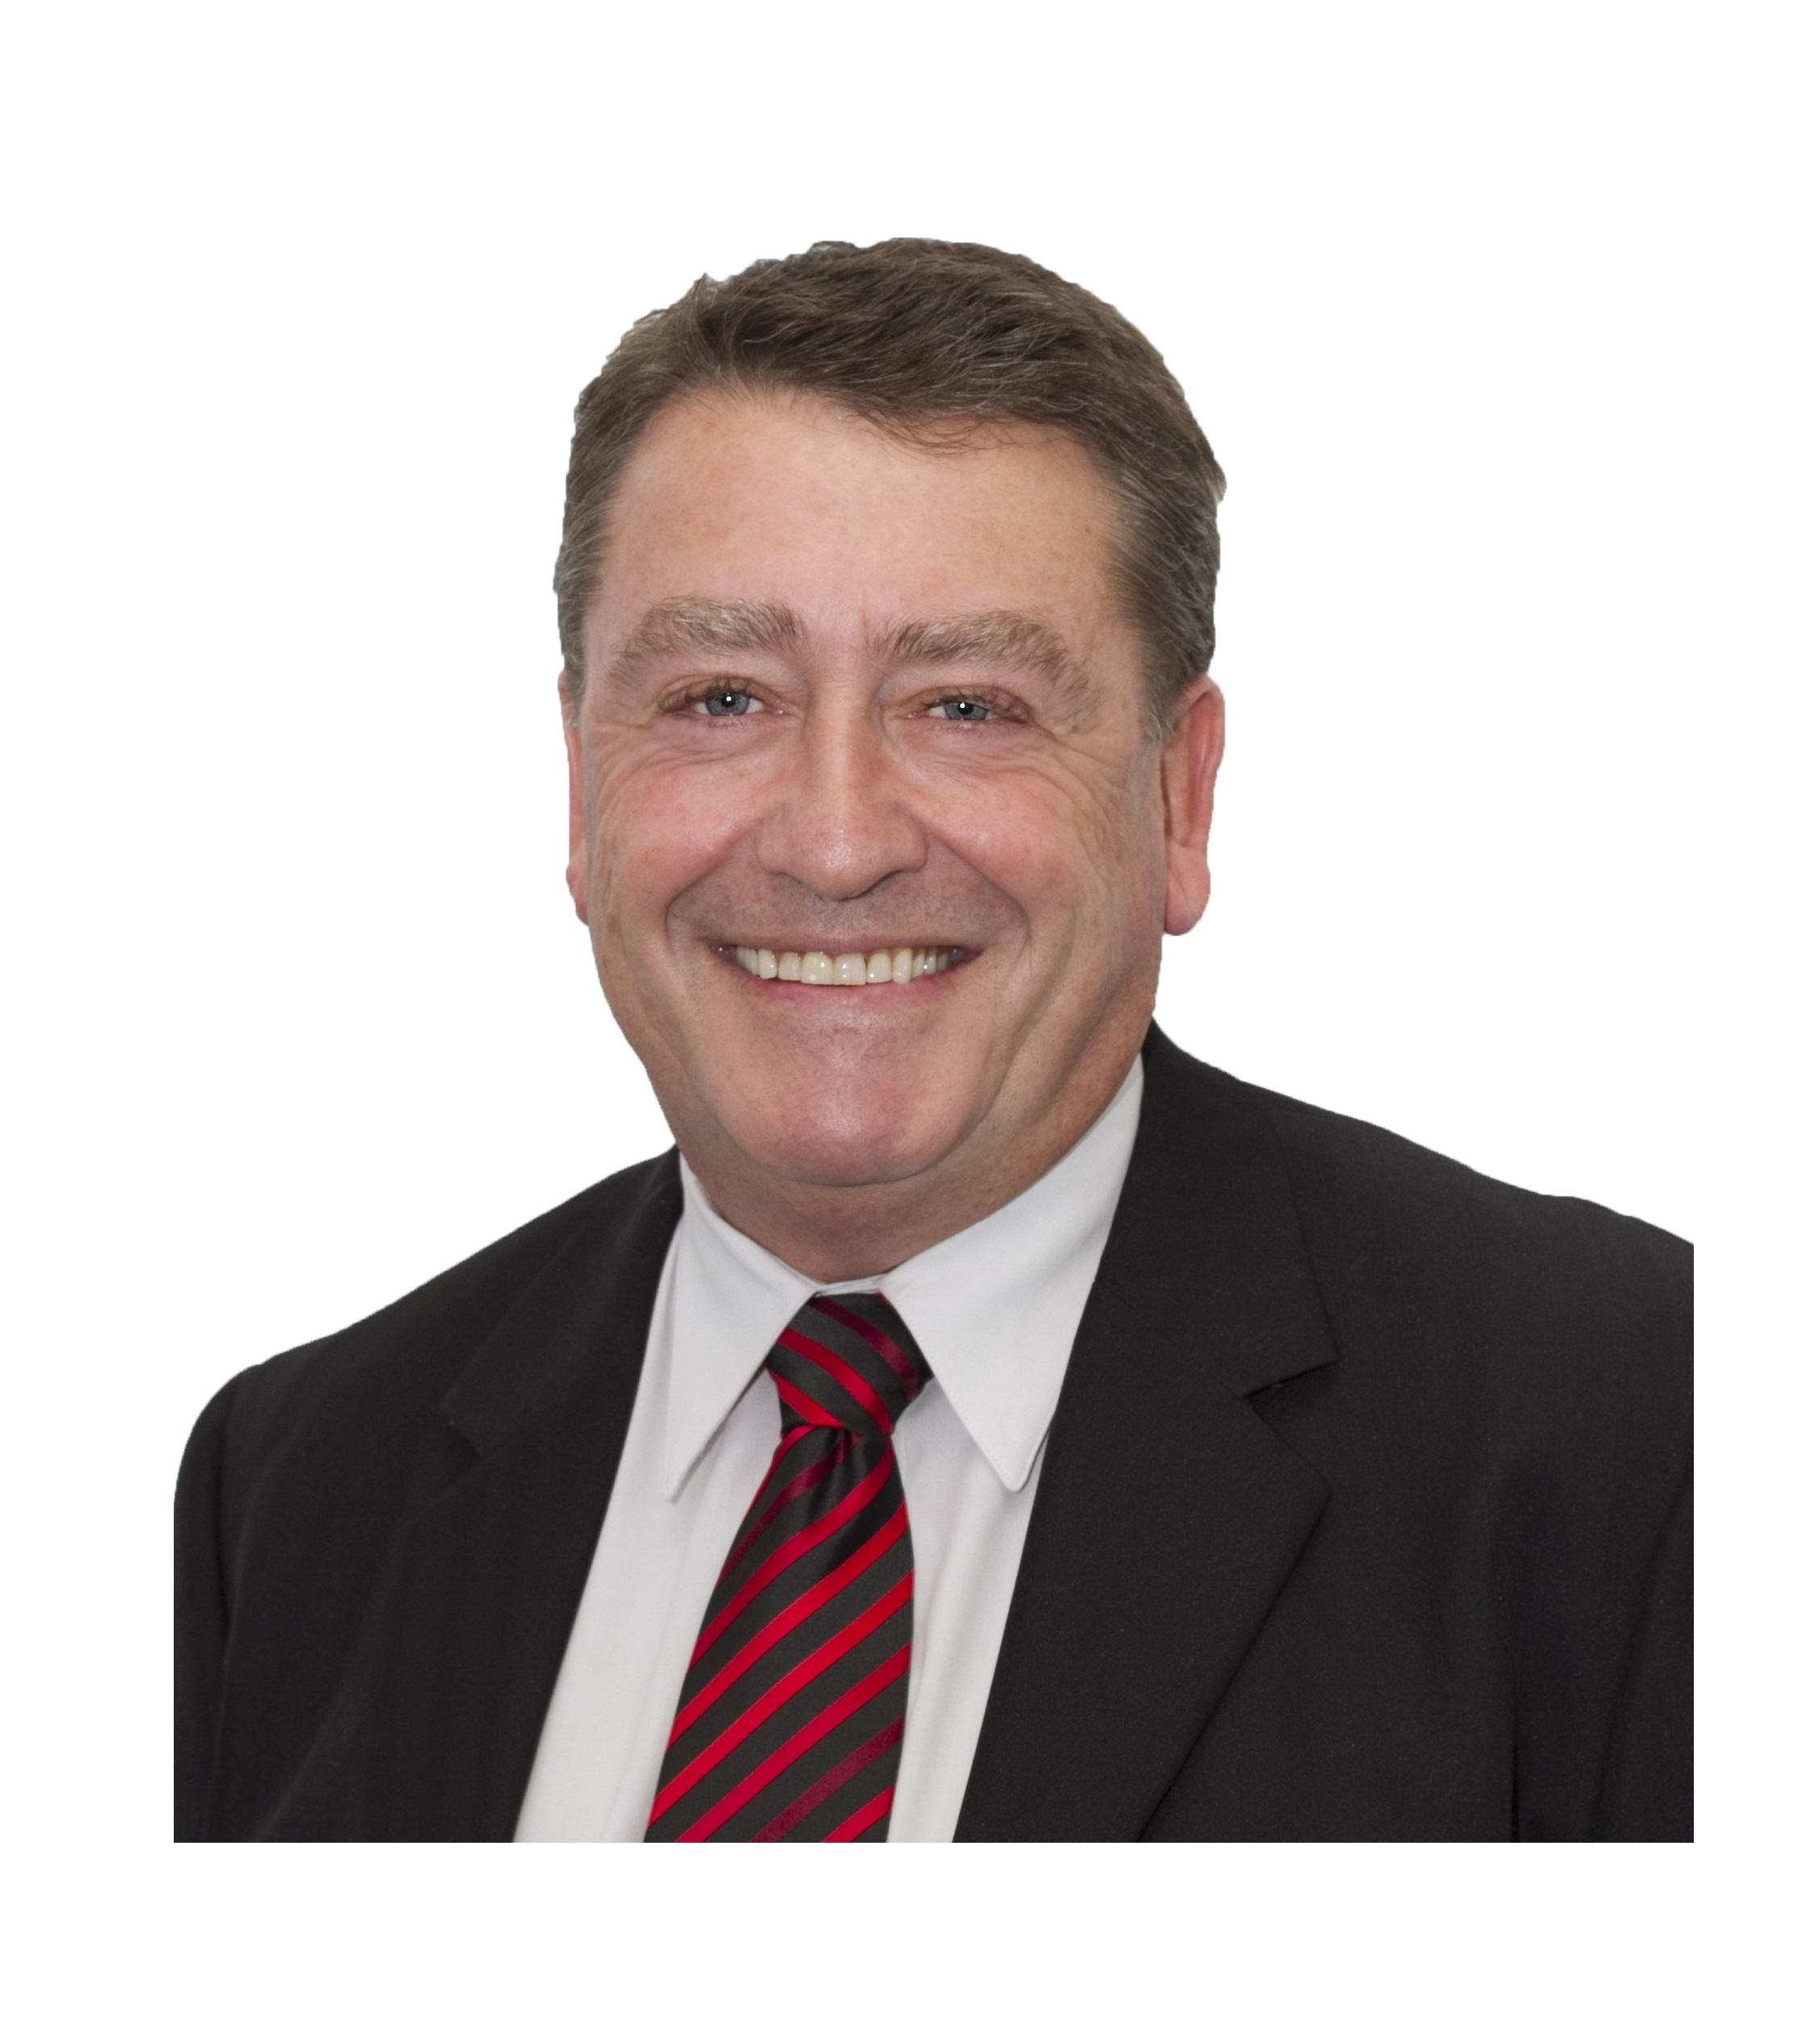 Steve Blakemore